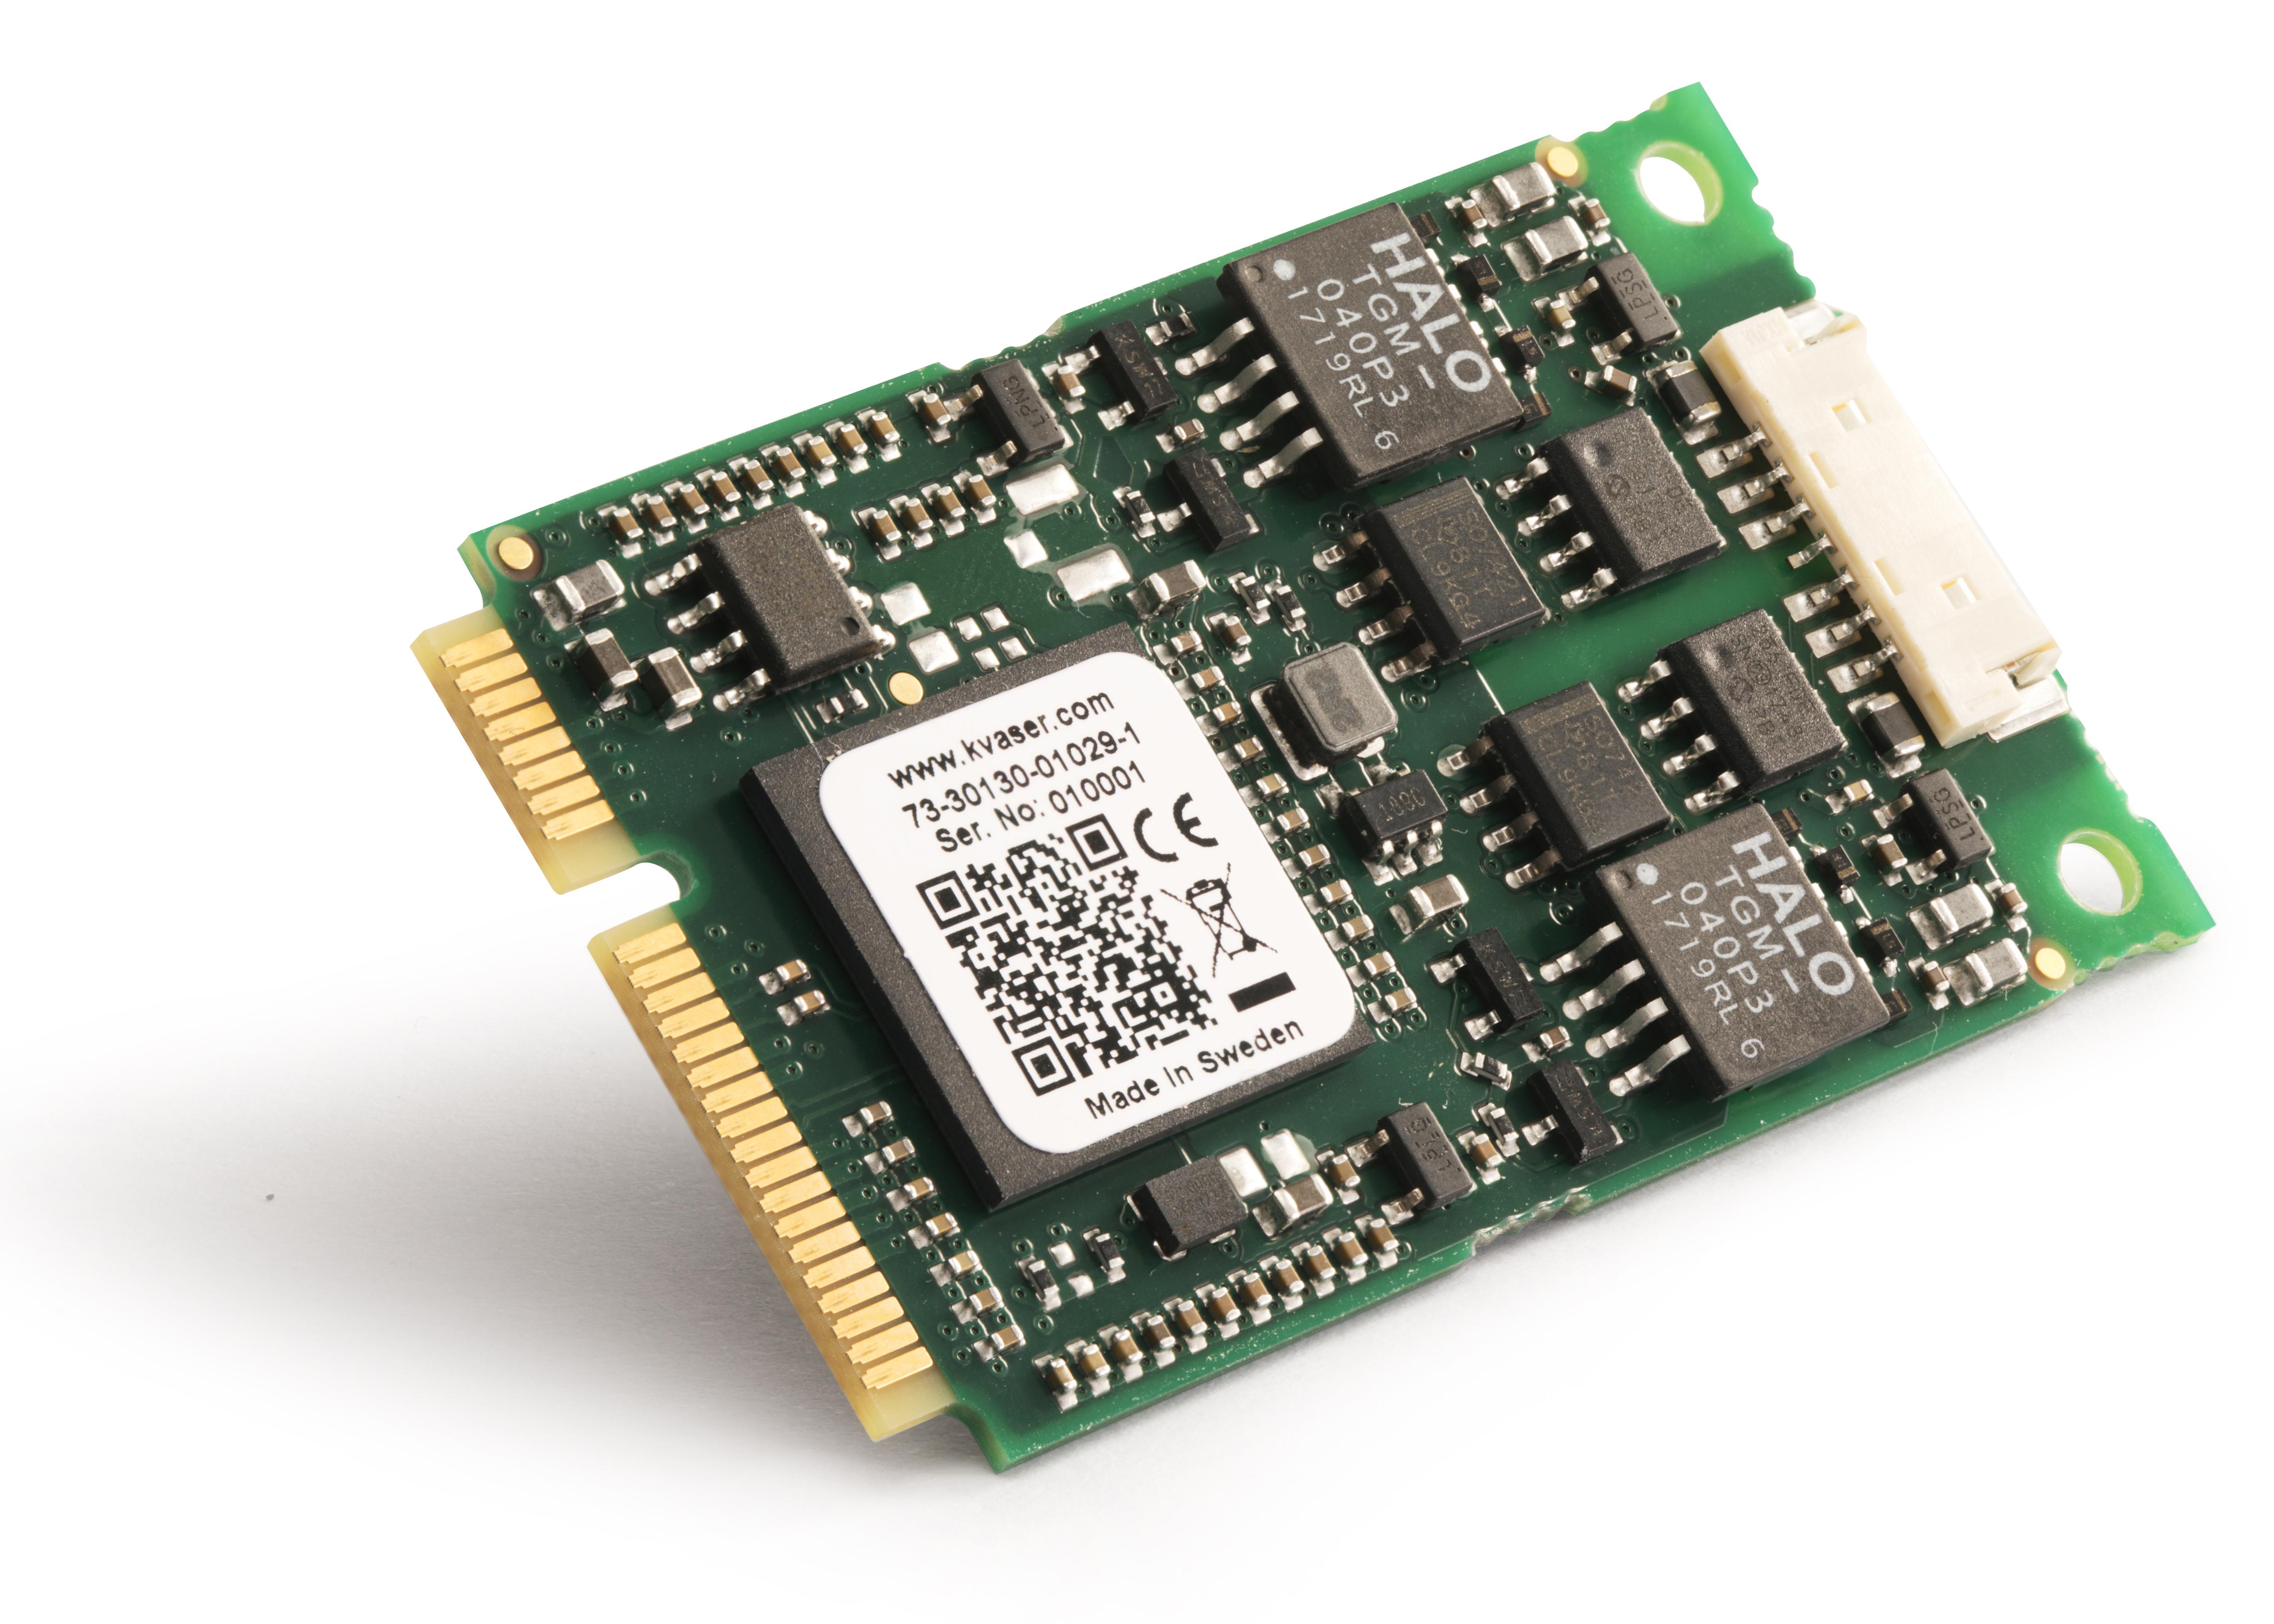 01029-1 Kvaser Mini PCI Express 2xHS v2